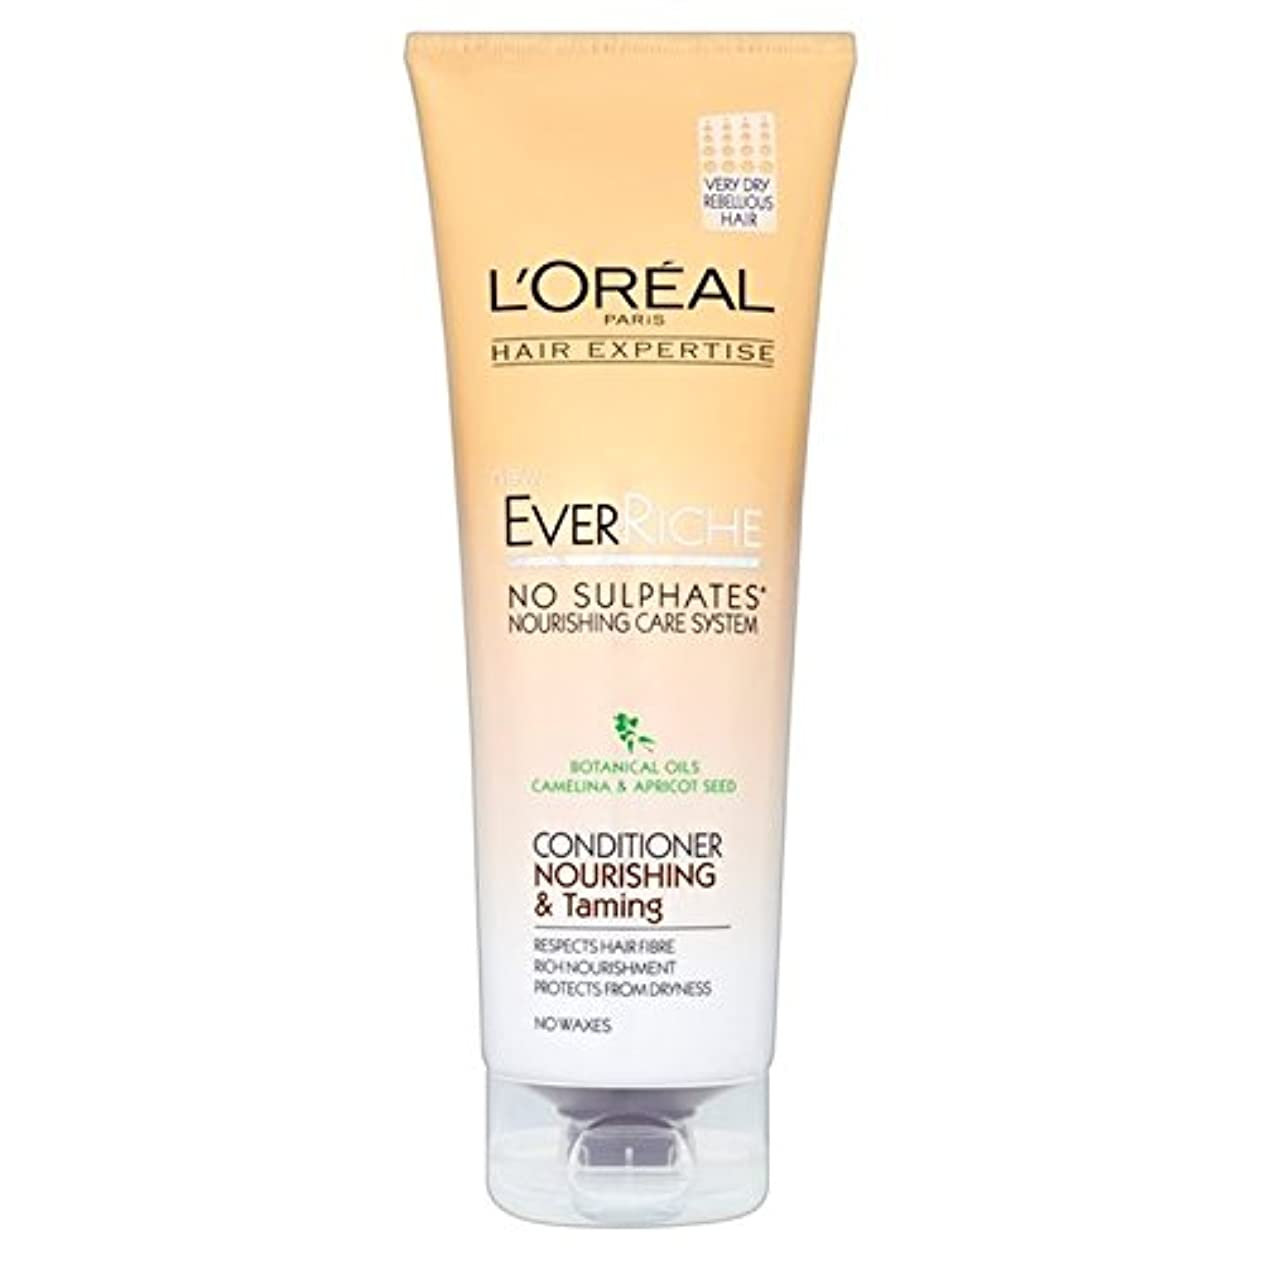 担保休み空白ロレアルの髪の専門知識、これまでリッシュコンディショナーヌール&調教250ミリリットル x4 - L'Oreal Hair Expertise Ever Riche Conditioner Nour & Taming 250ml...